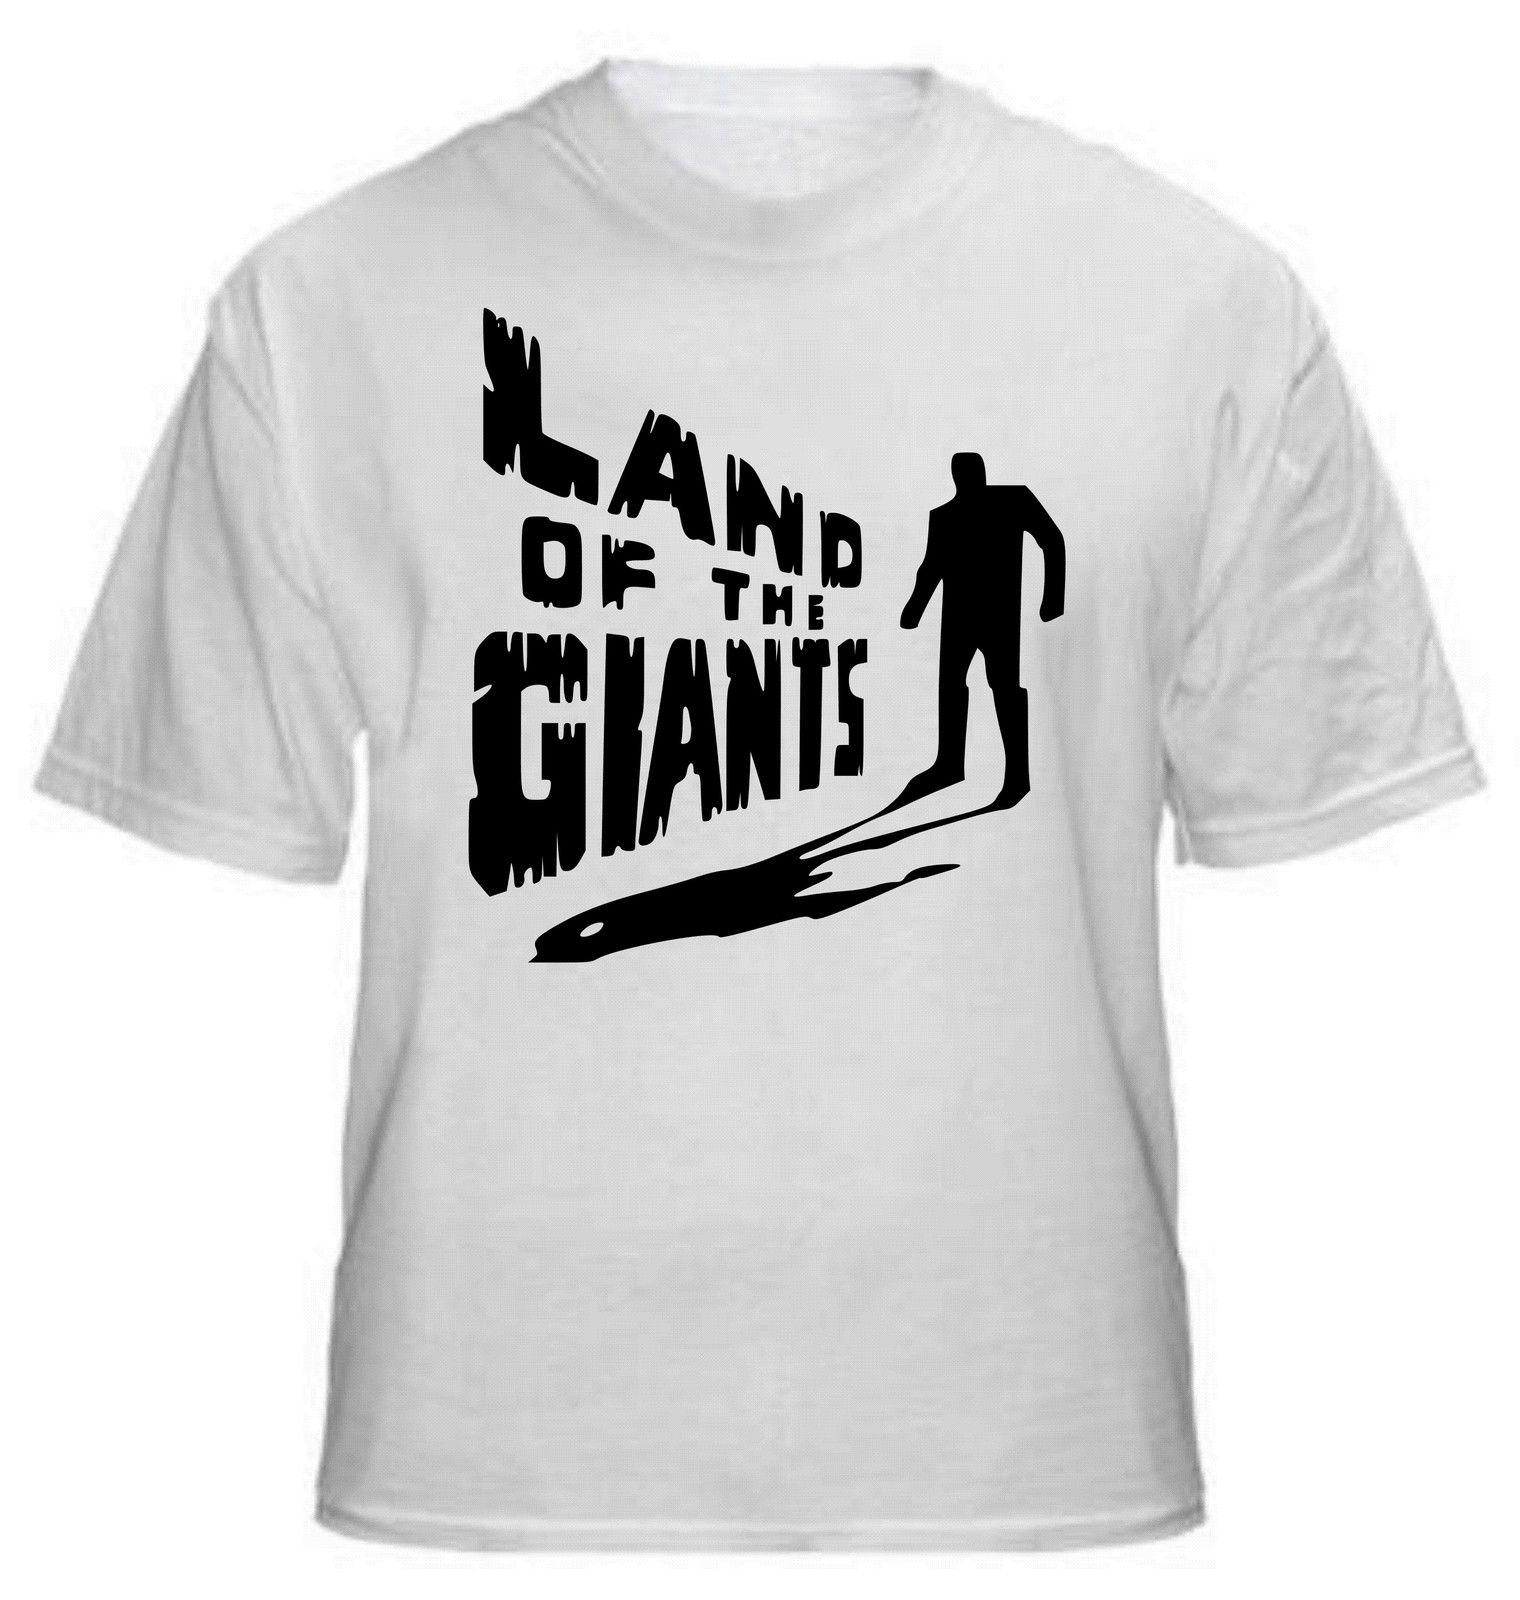 """Camiseta masculina estilo de verão camiseta de verão """"tierra de gigantes"""" camiseta-cult sci-fi serie tv, todas las tallas"""